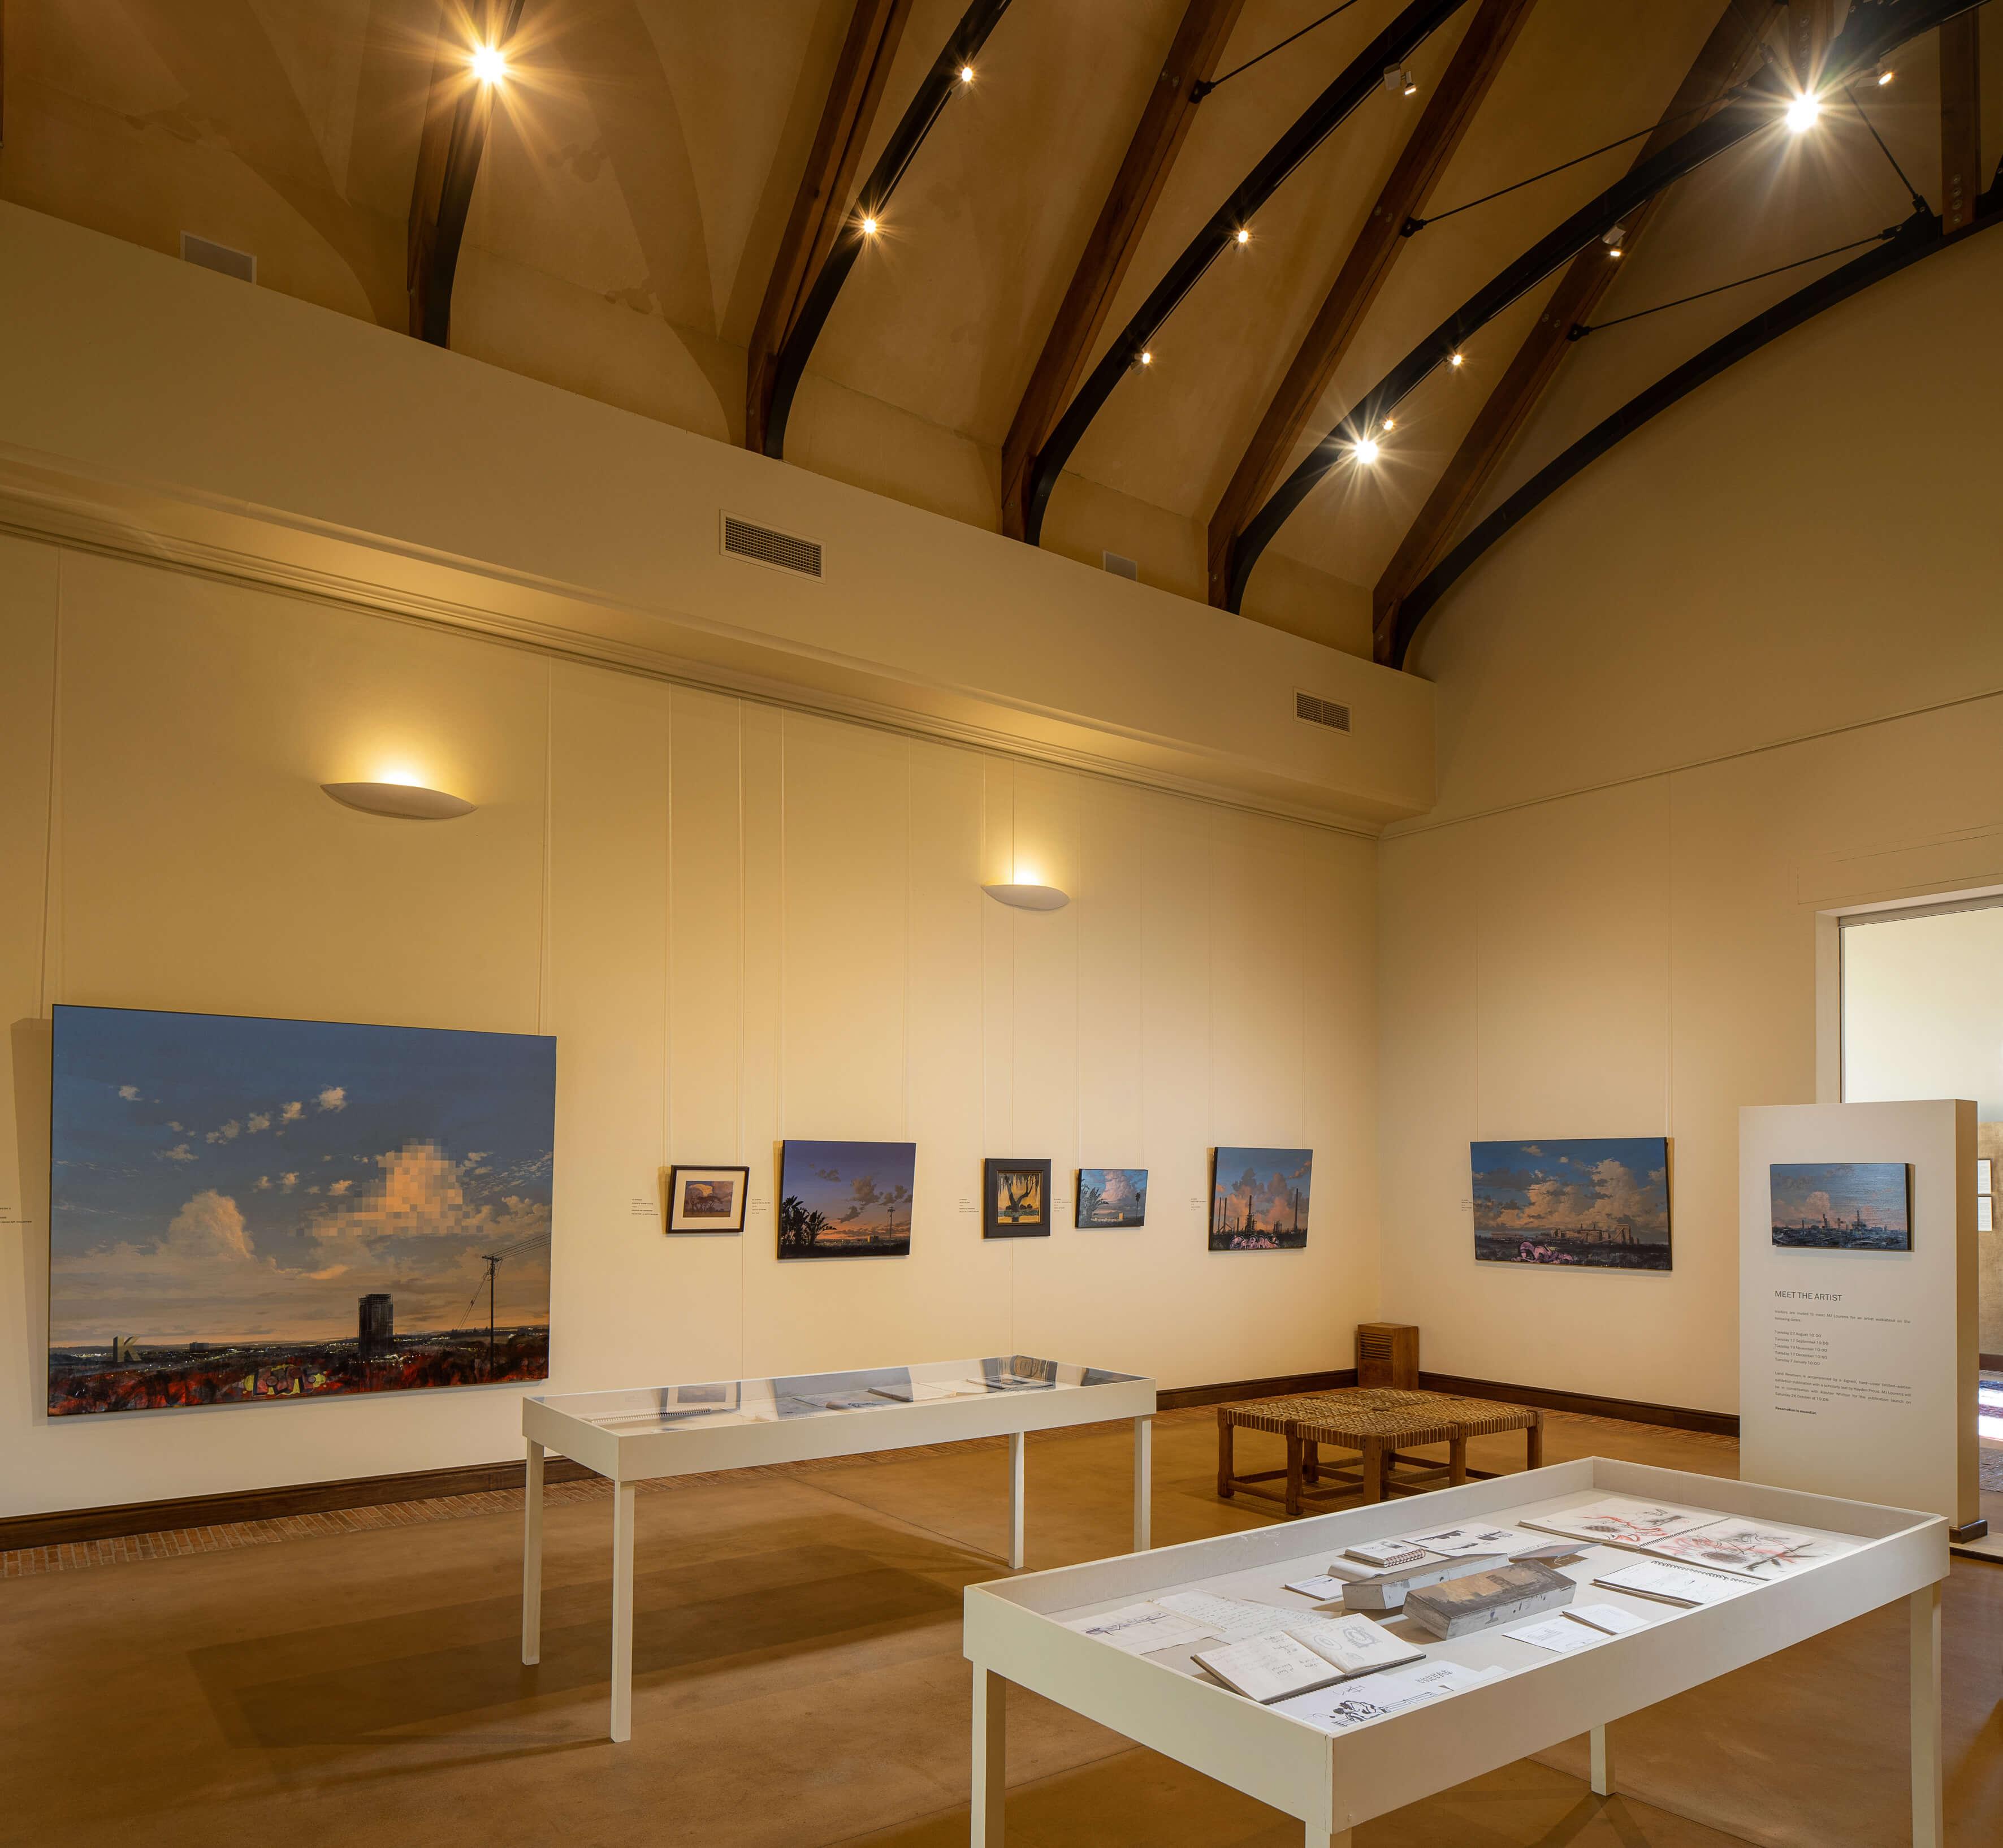 'Land Rewoven' exhibition. Image courtesy of La Motte Museum.